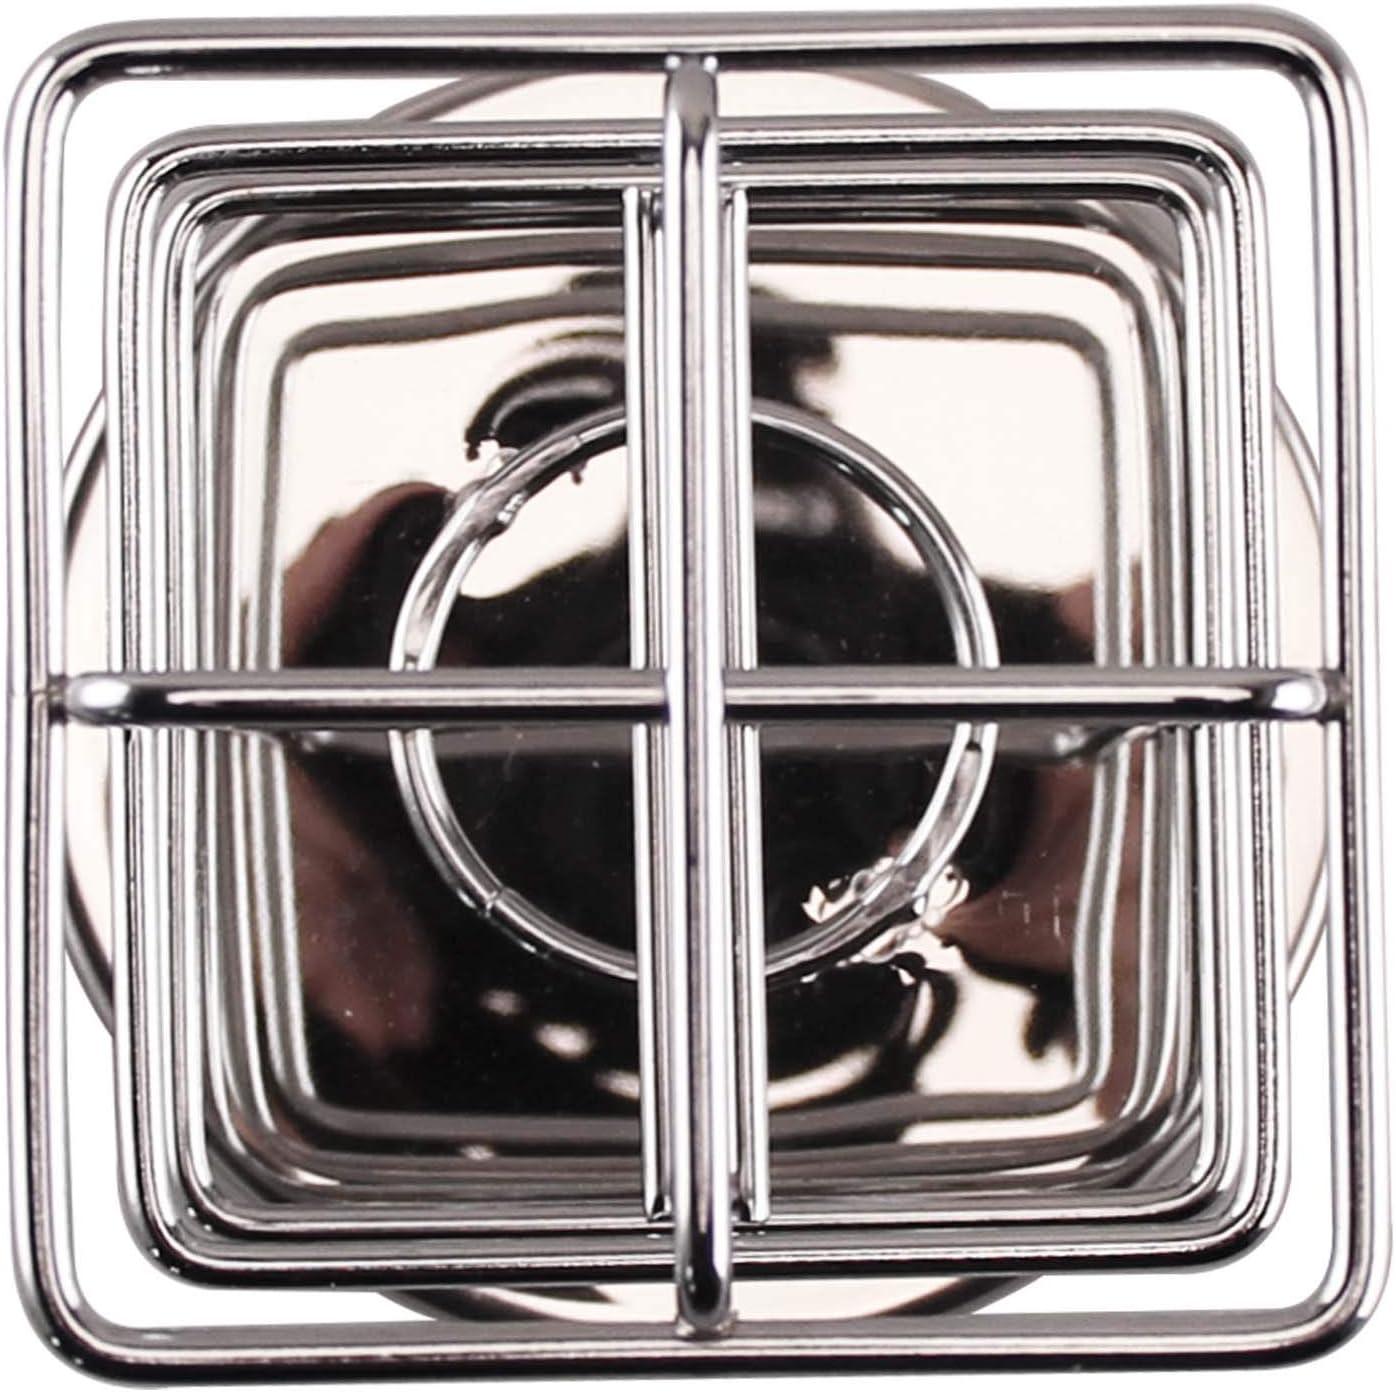 40 40//48 EVER RICH /® Soporte para c/ápsulas de caf/é Nespresso dise/ño giratorio